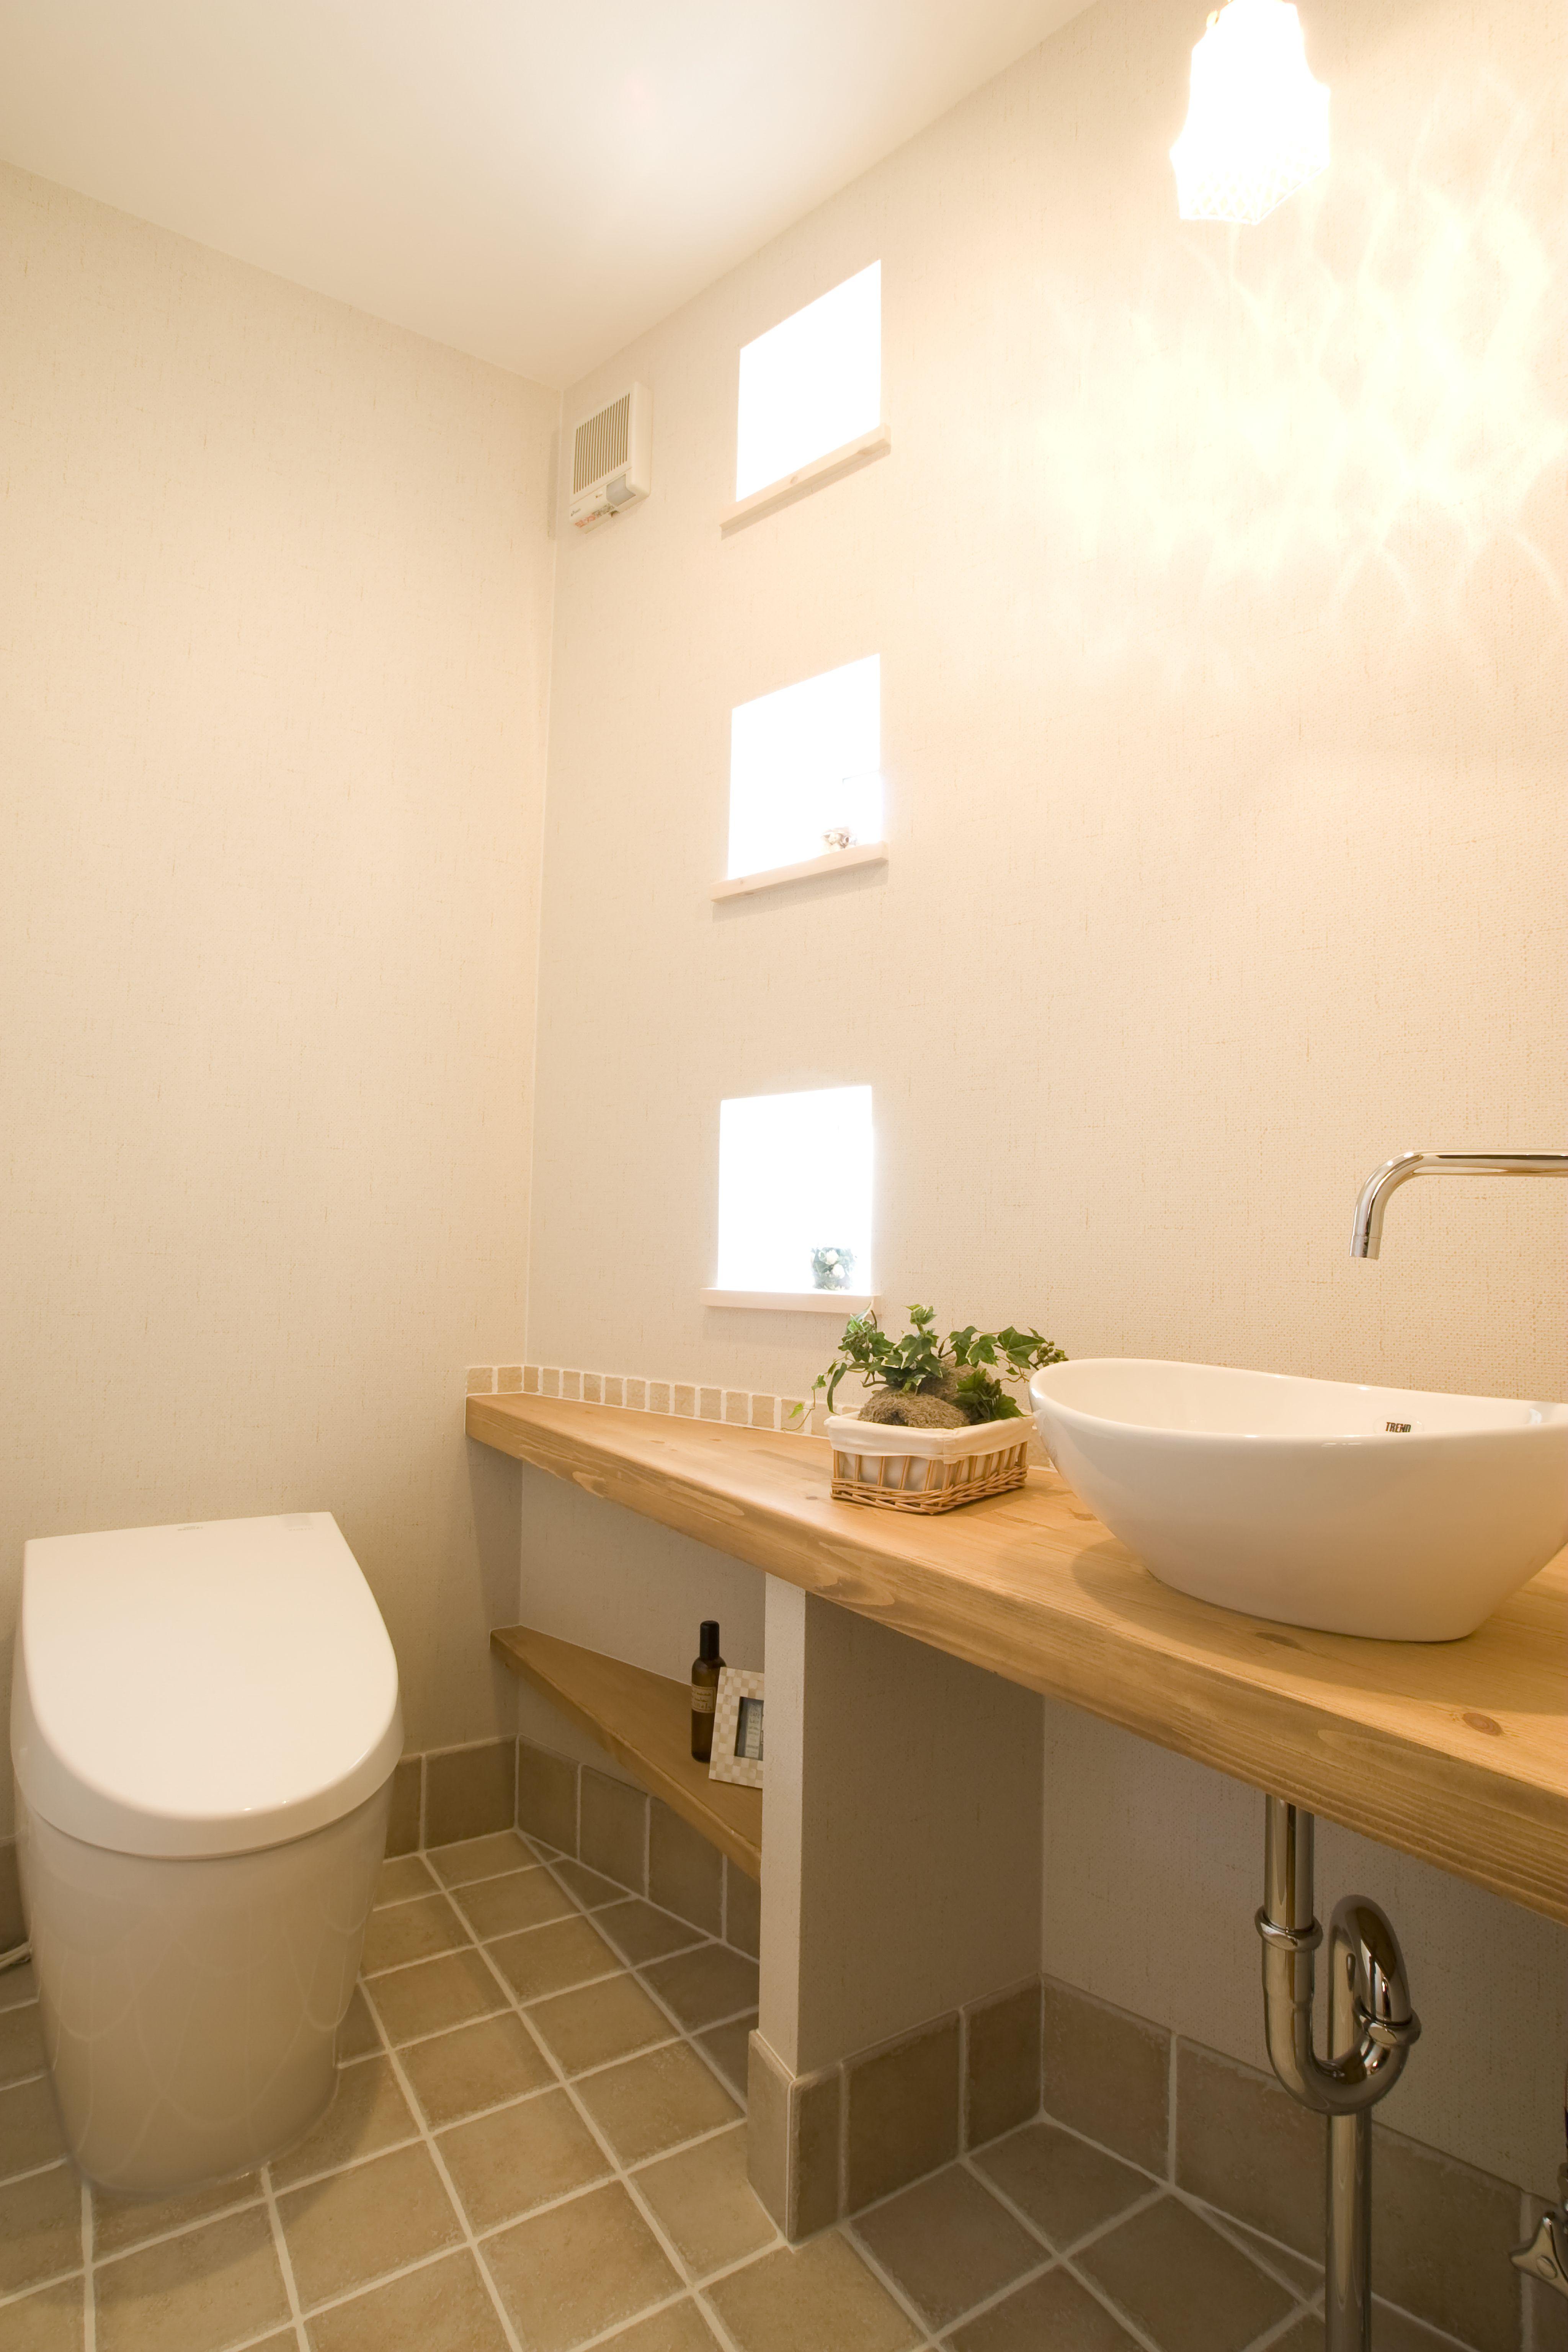 Totate Housing L Washroom 小窓があるかわいいトイレ トータテ 広島 新築 注文住宅 おしゃれ トイレ かわいい トイレ壁紙 トイレ おしゃれ トイレのデザイン 注文住宅